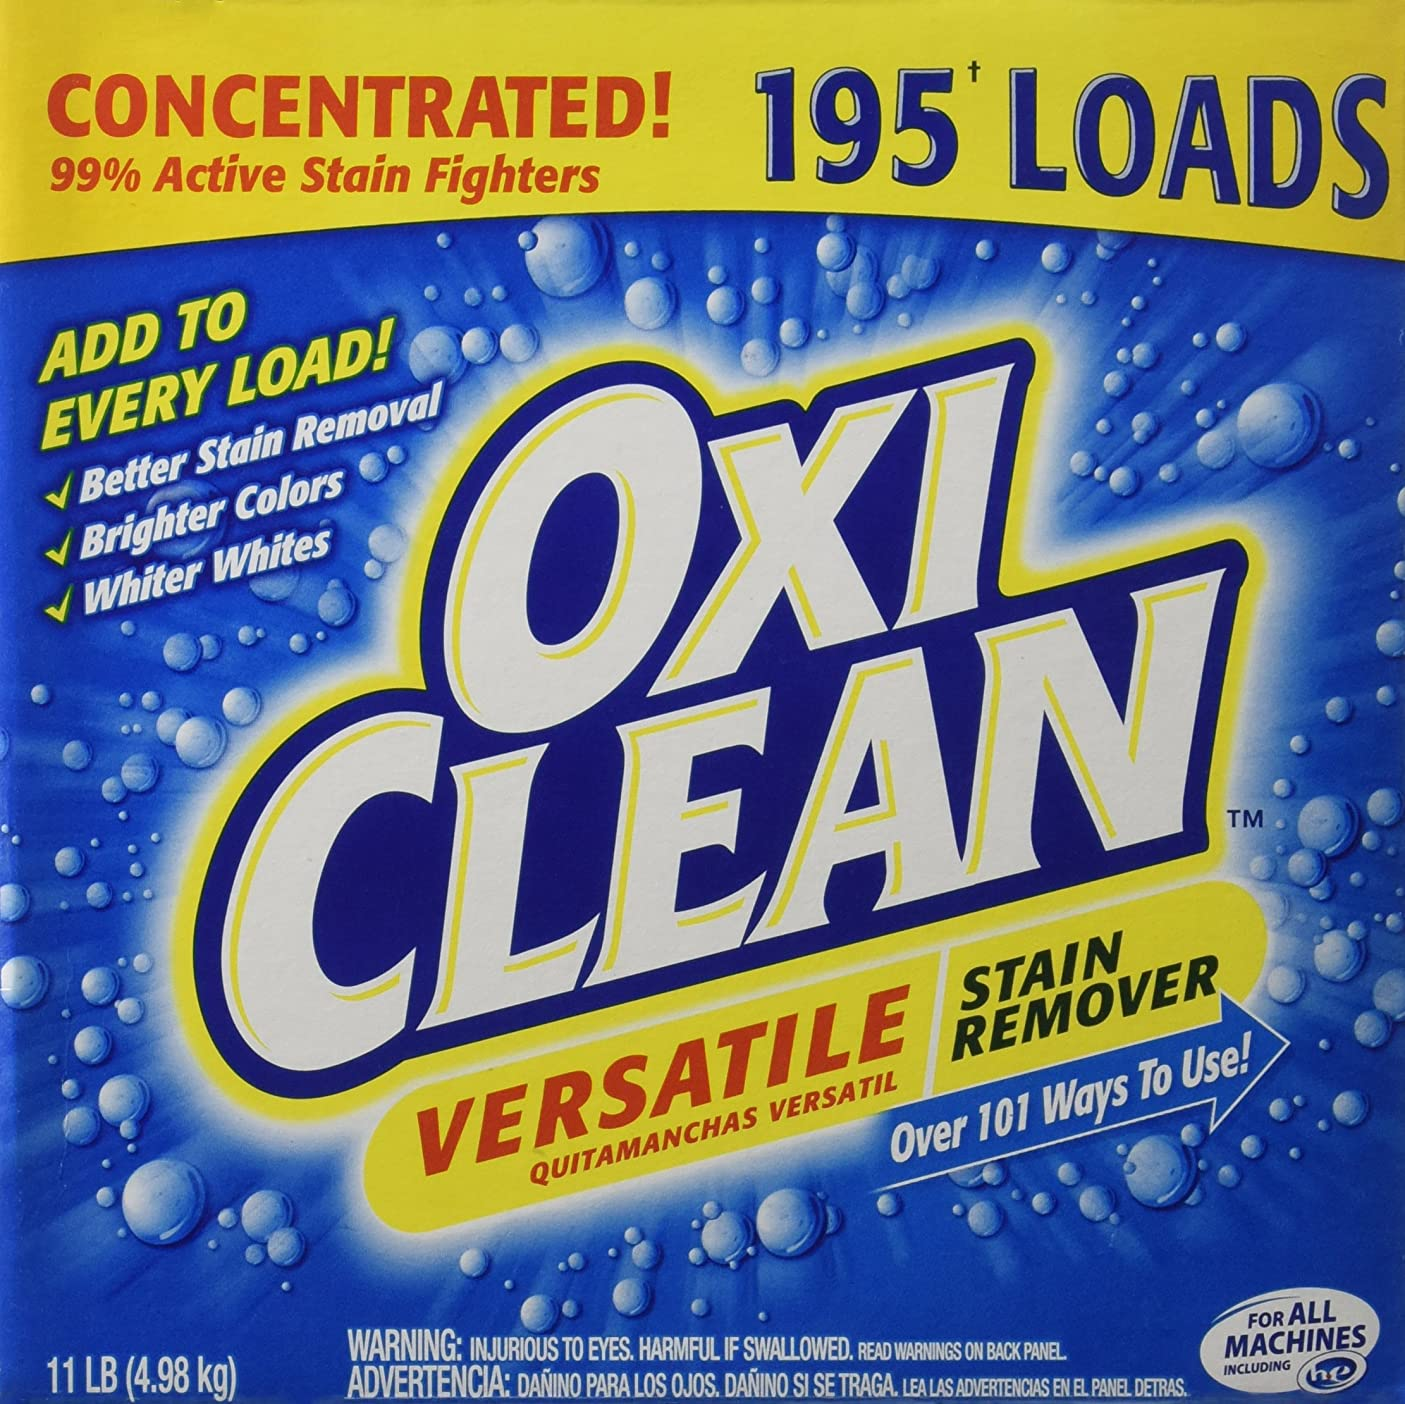 馬鹿解凍する、雪解け、霜解け想像力OXICLEAN(オキシクリーン) STAINREMOVER 4.98kg シミ取り 漂白剤